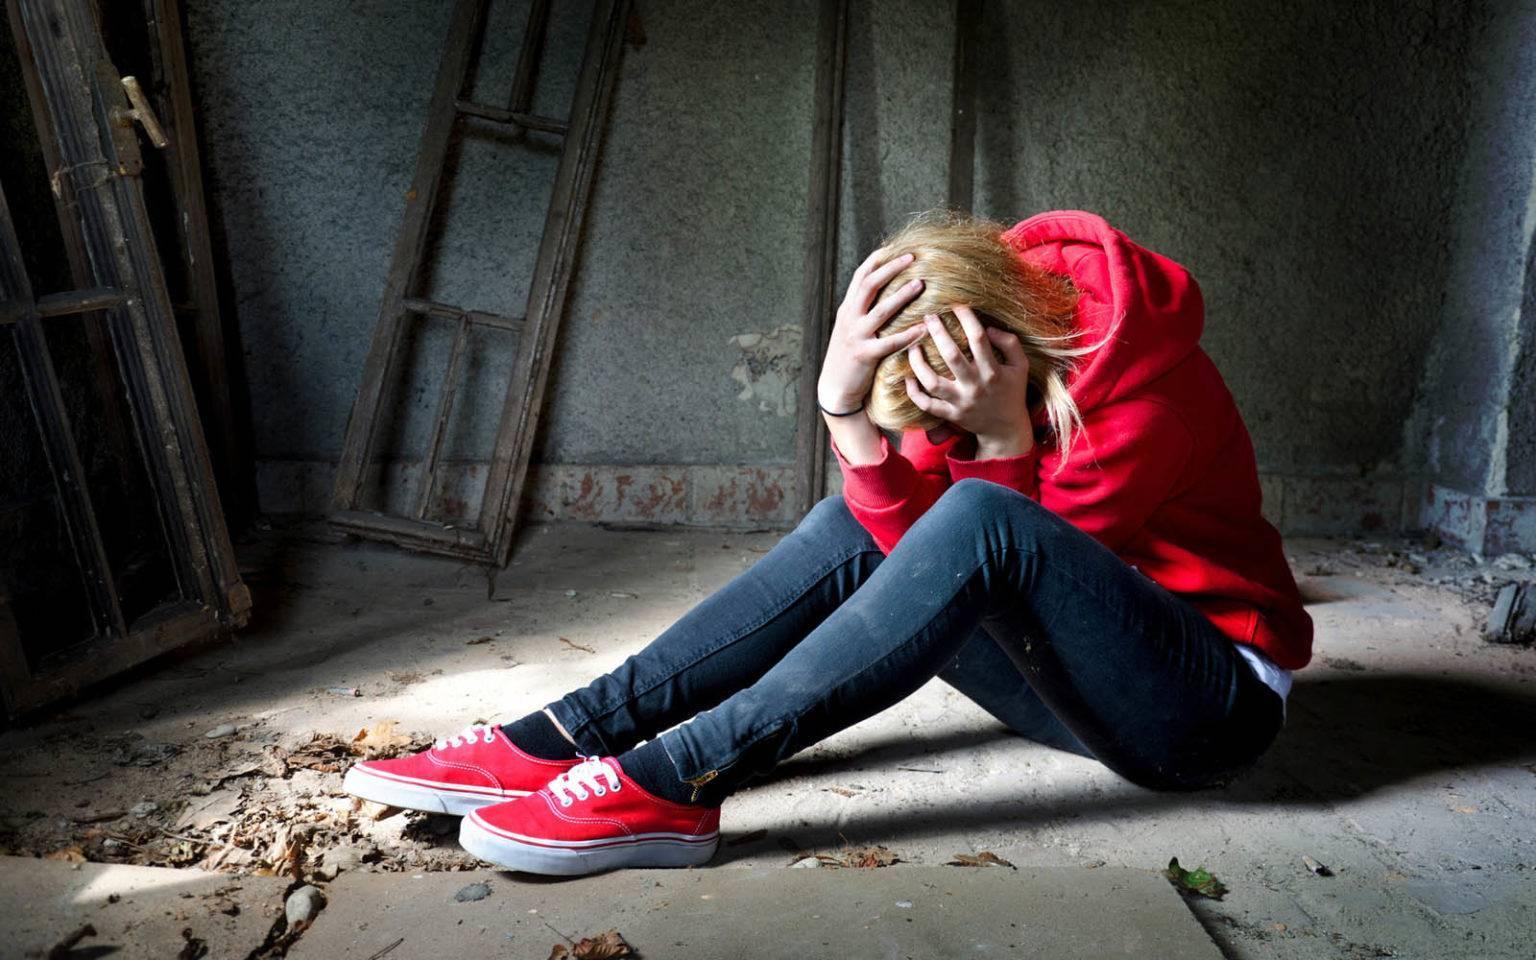 депрессия и суицидальные мысли